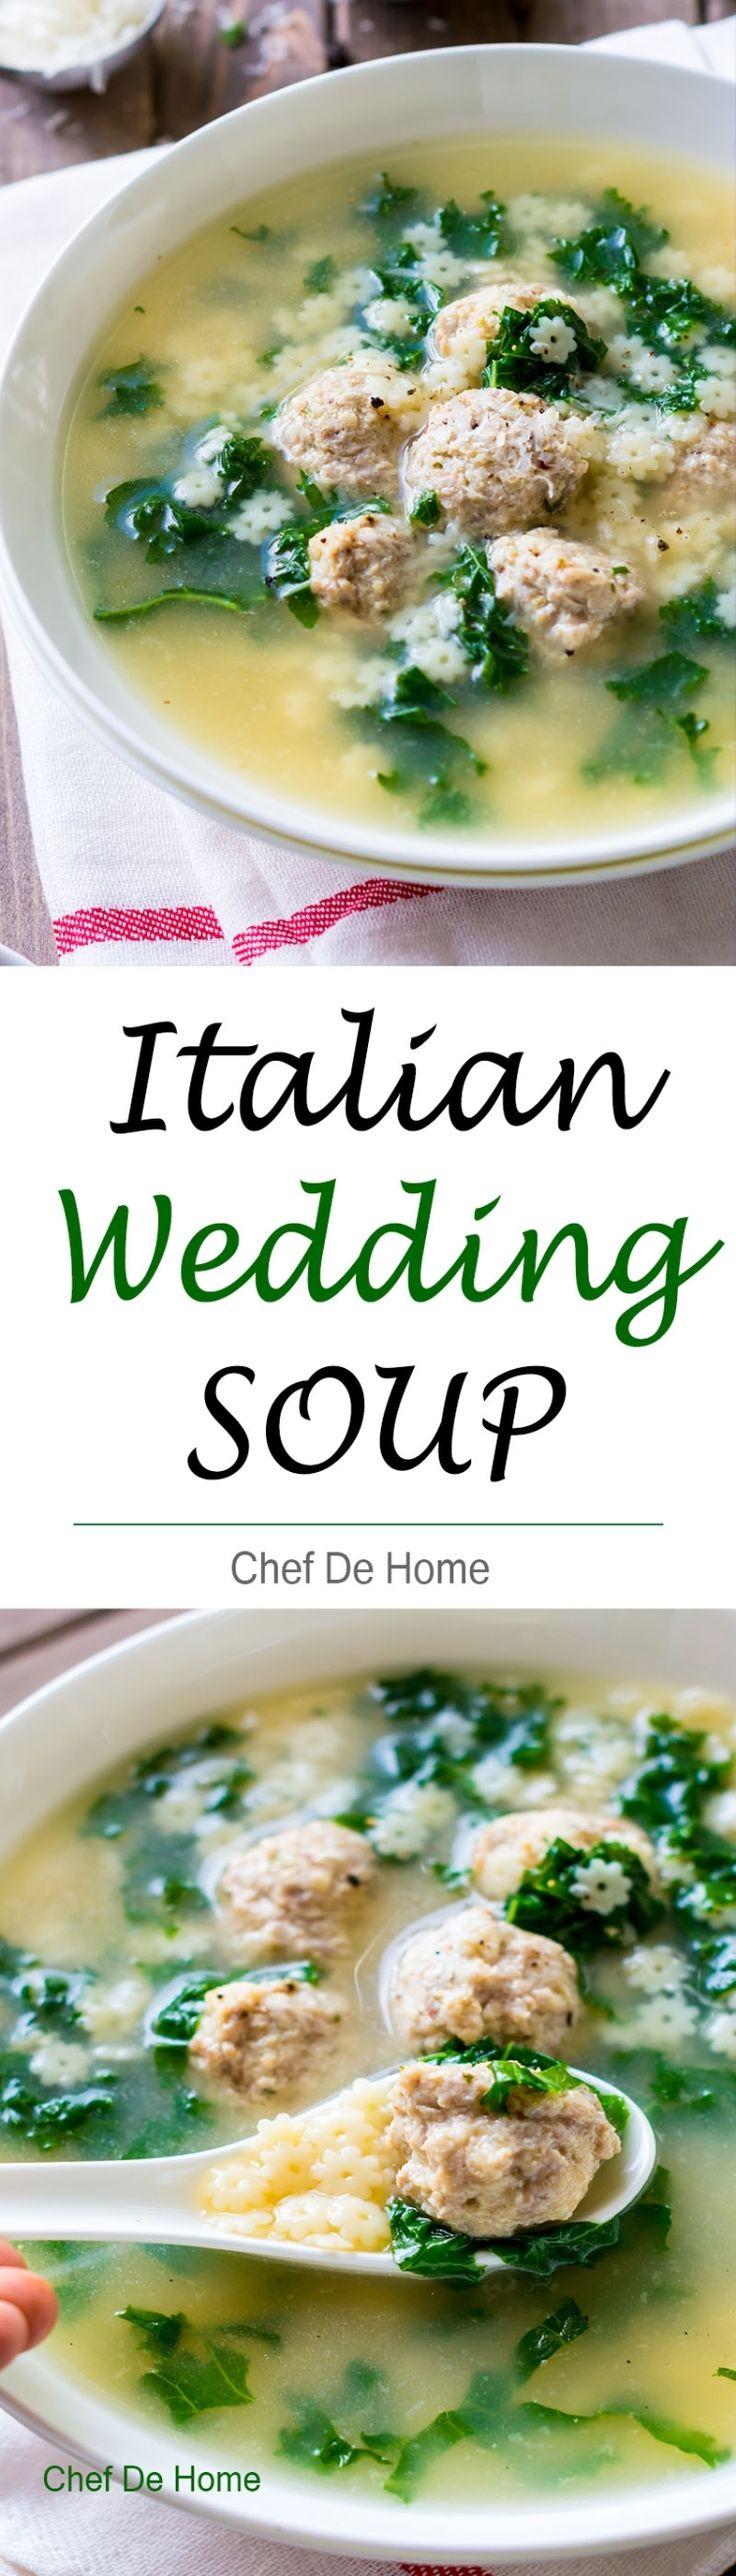 39 Best Images About Soup Salad Amp Wraps On Pinterest